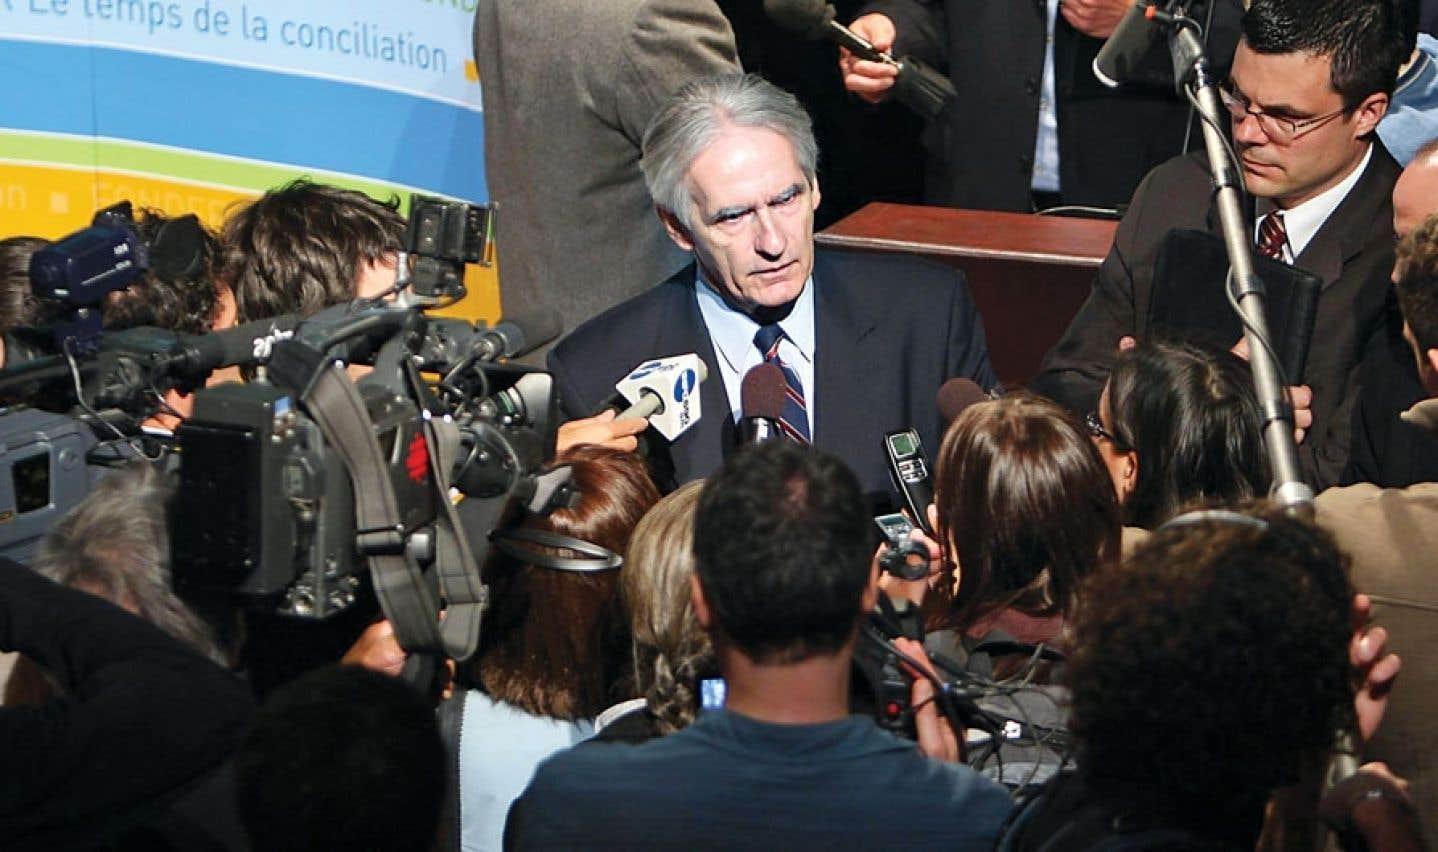 Charte des valeurs québécoises - Brûler pour ne pas s'éteindre